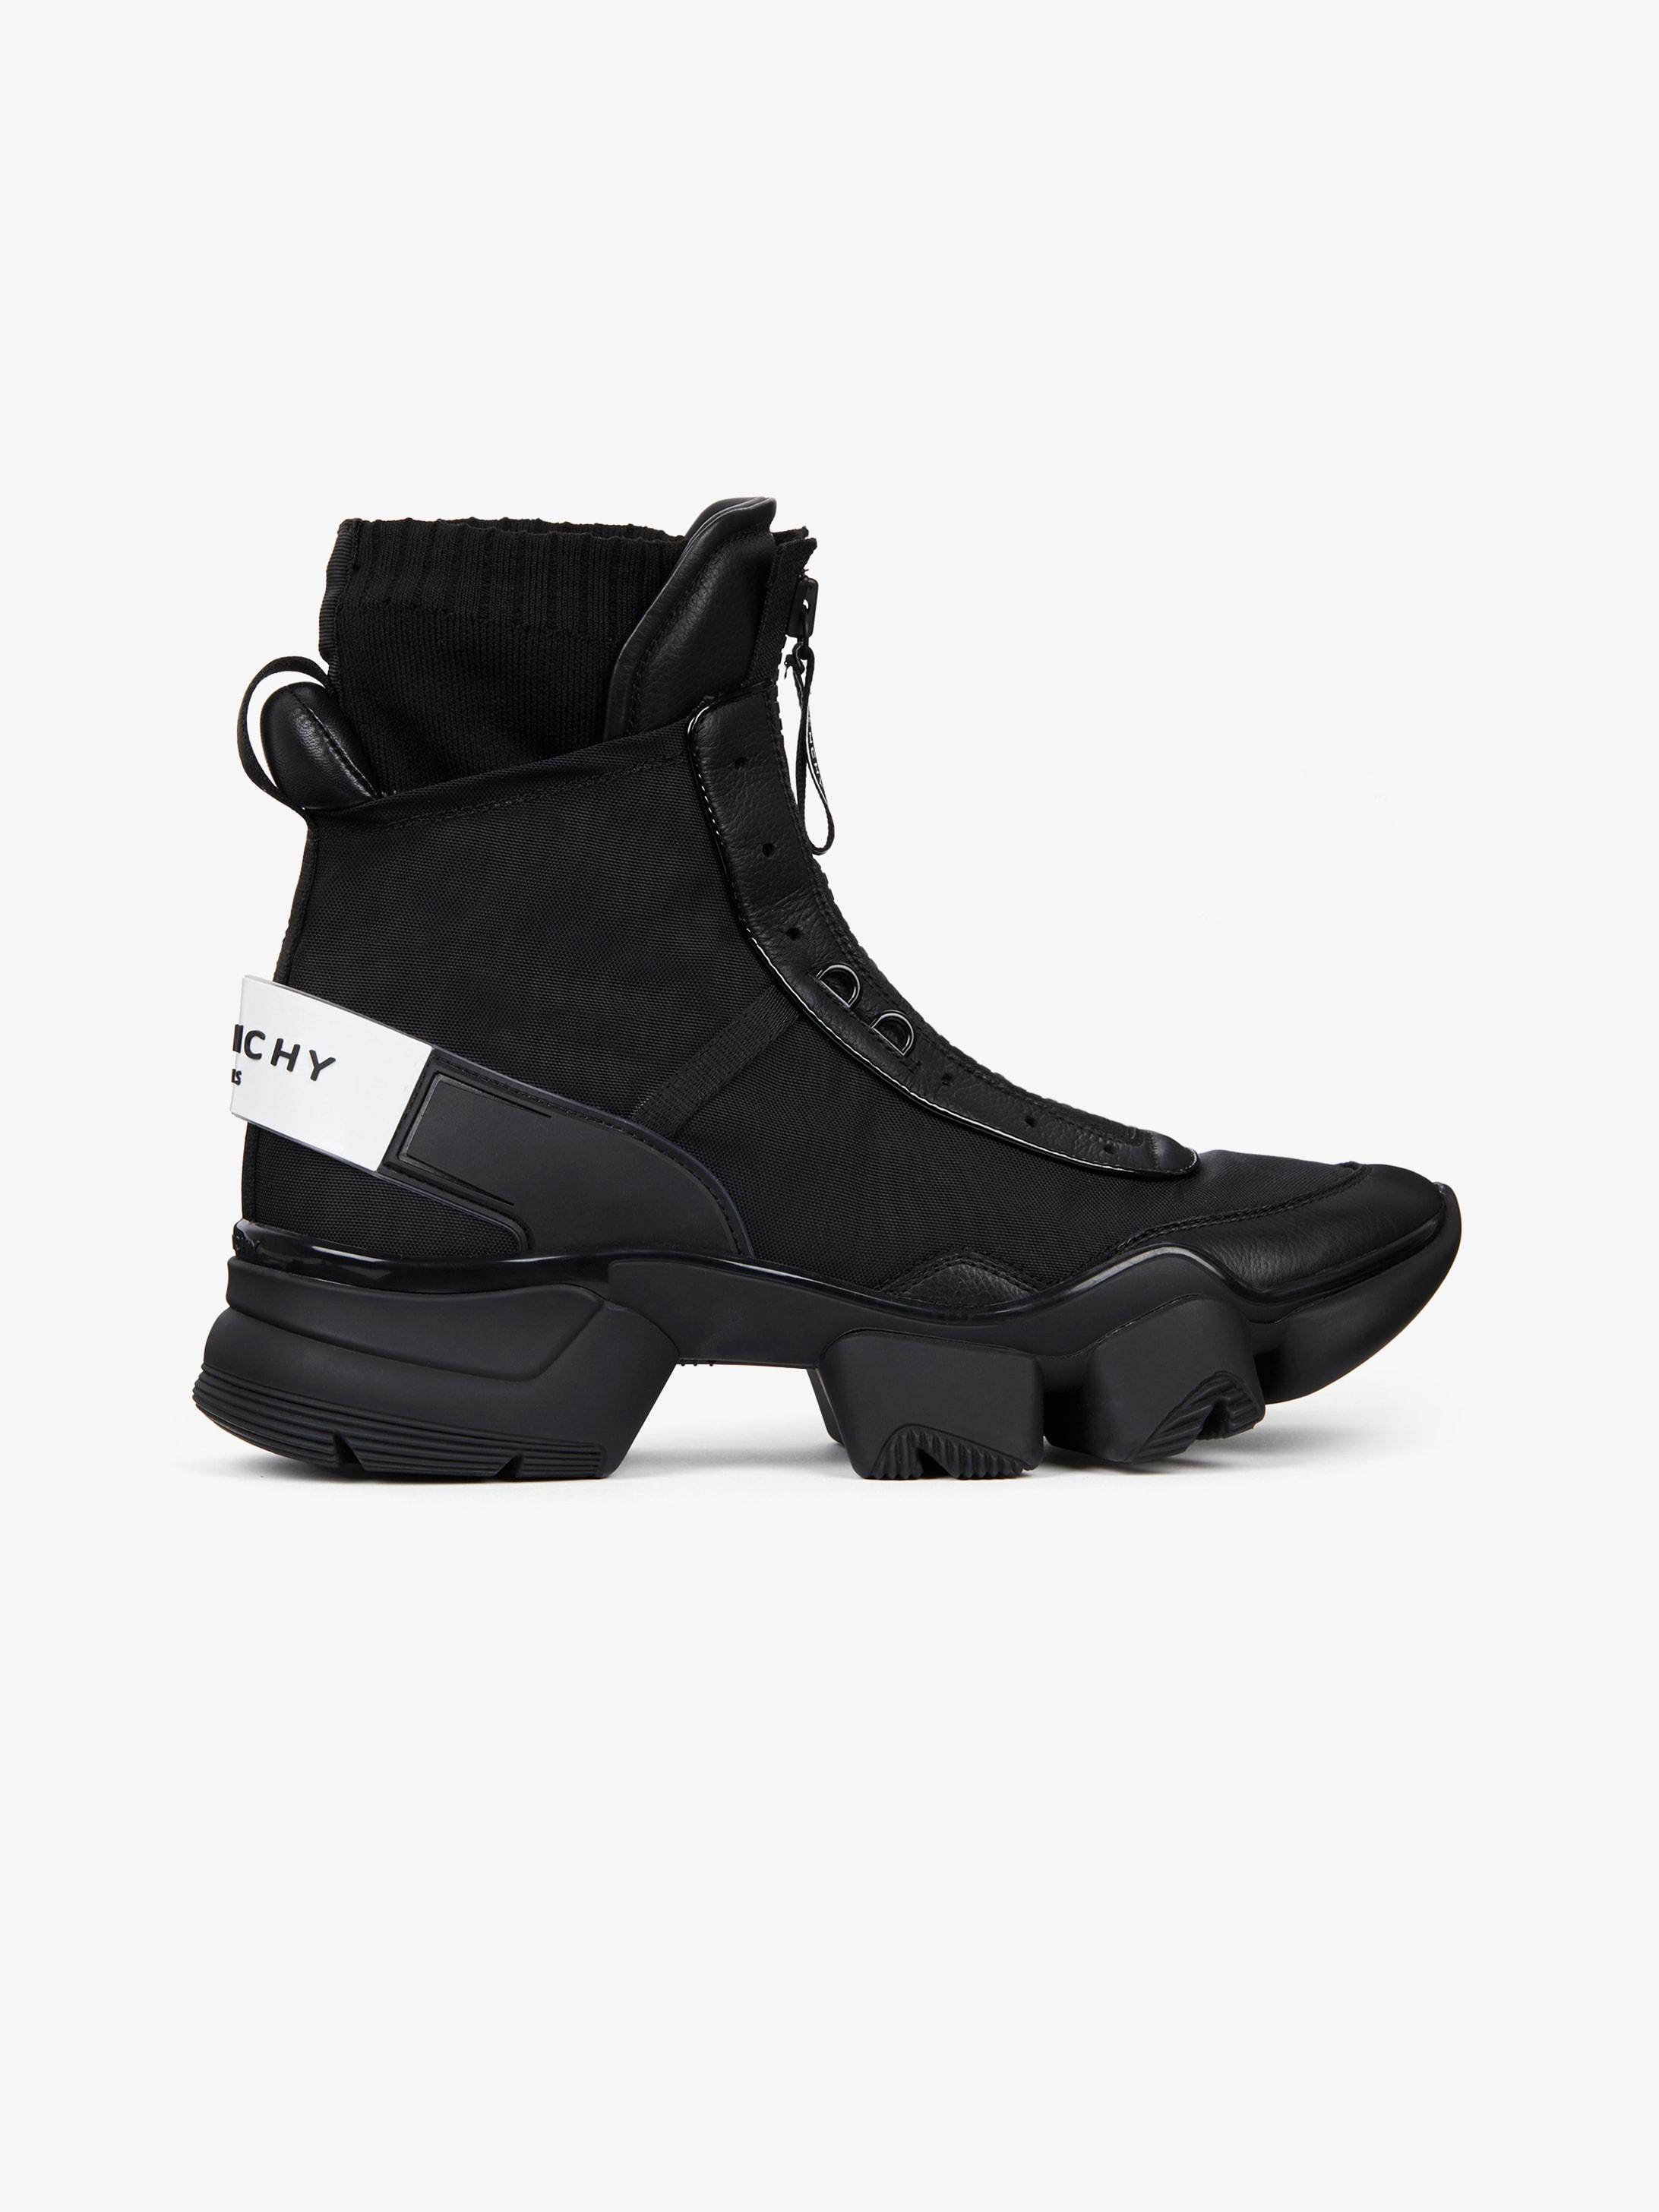 JAW高帮运动鞋,尼龙、皮革和针织面料